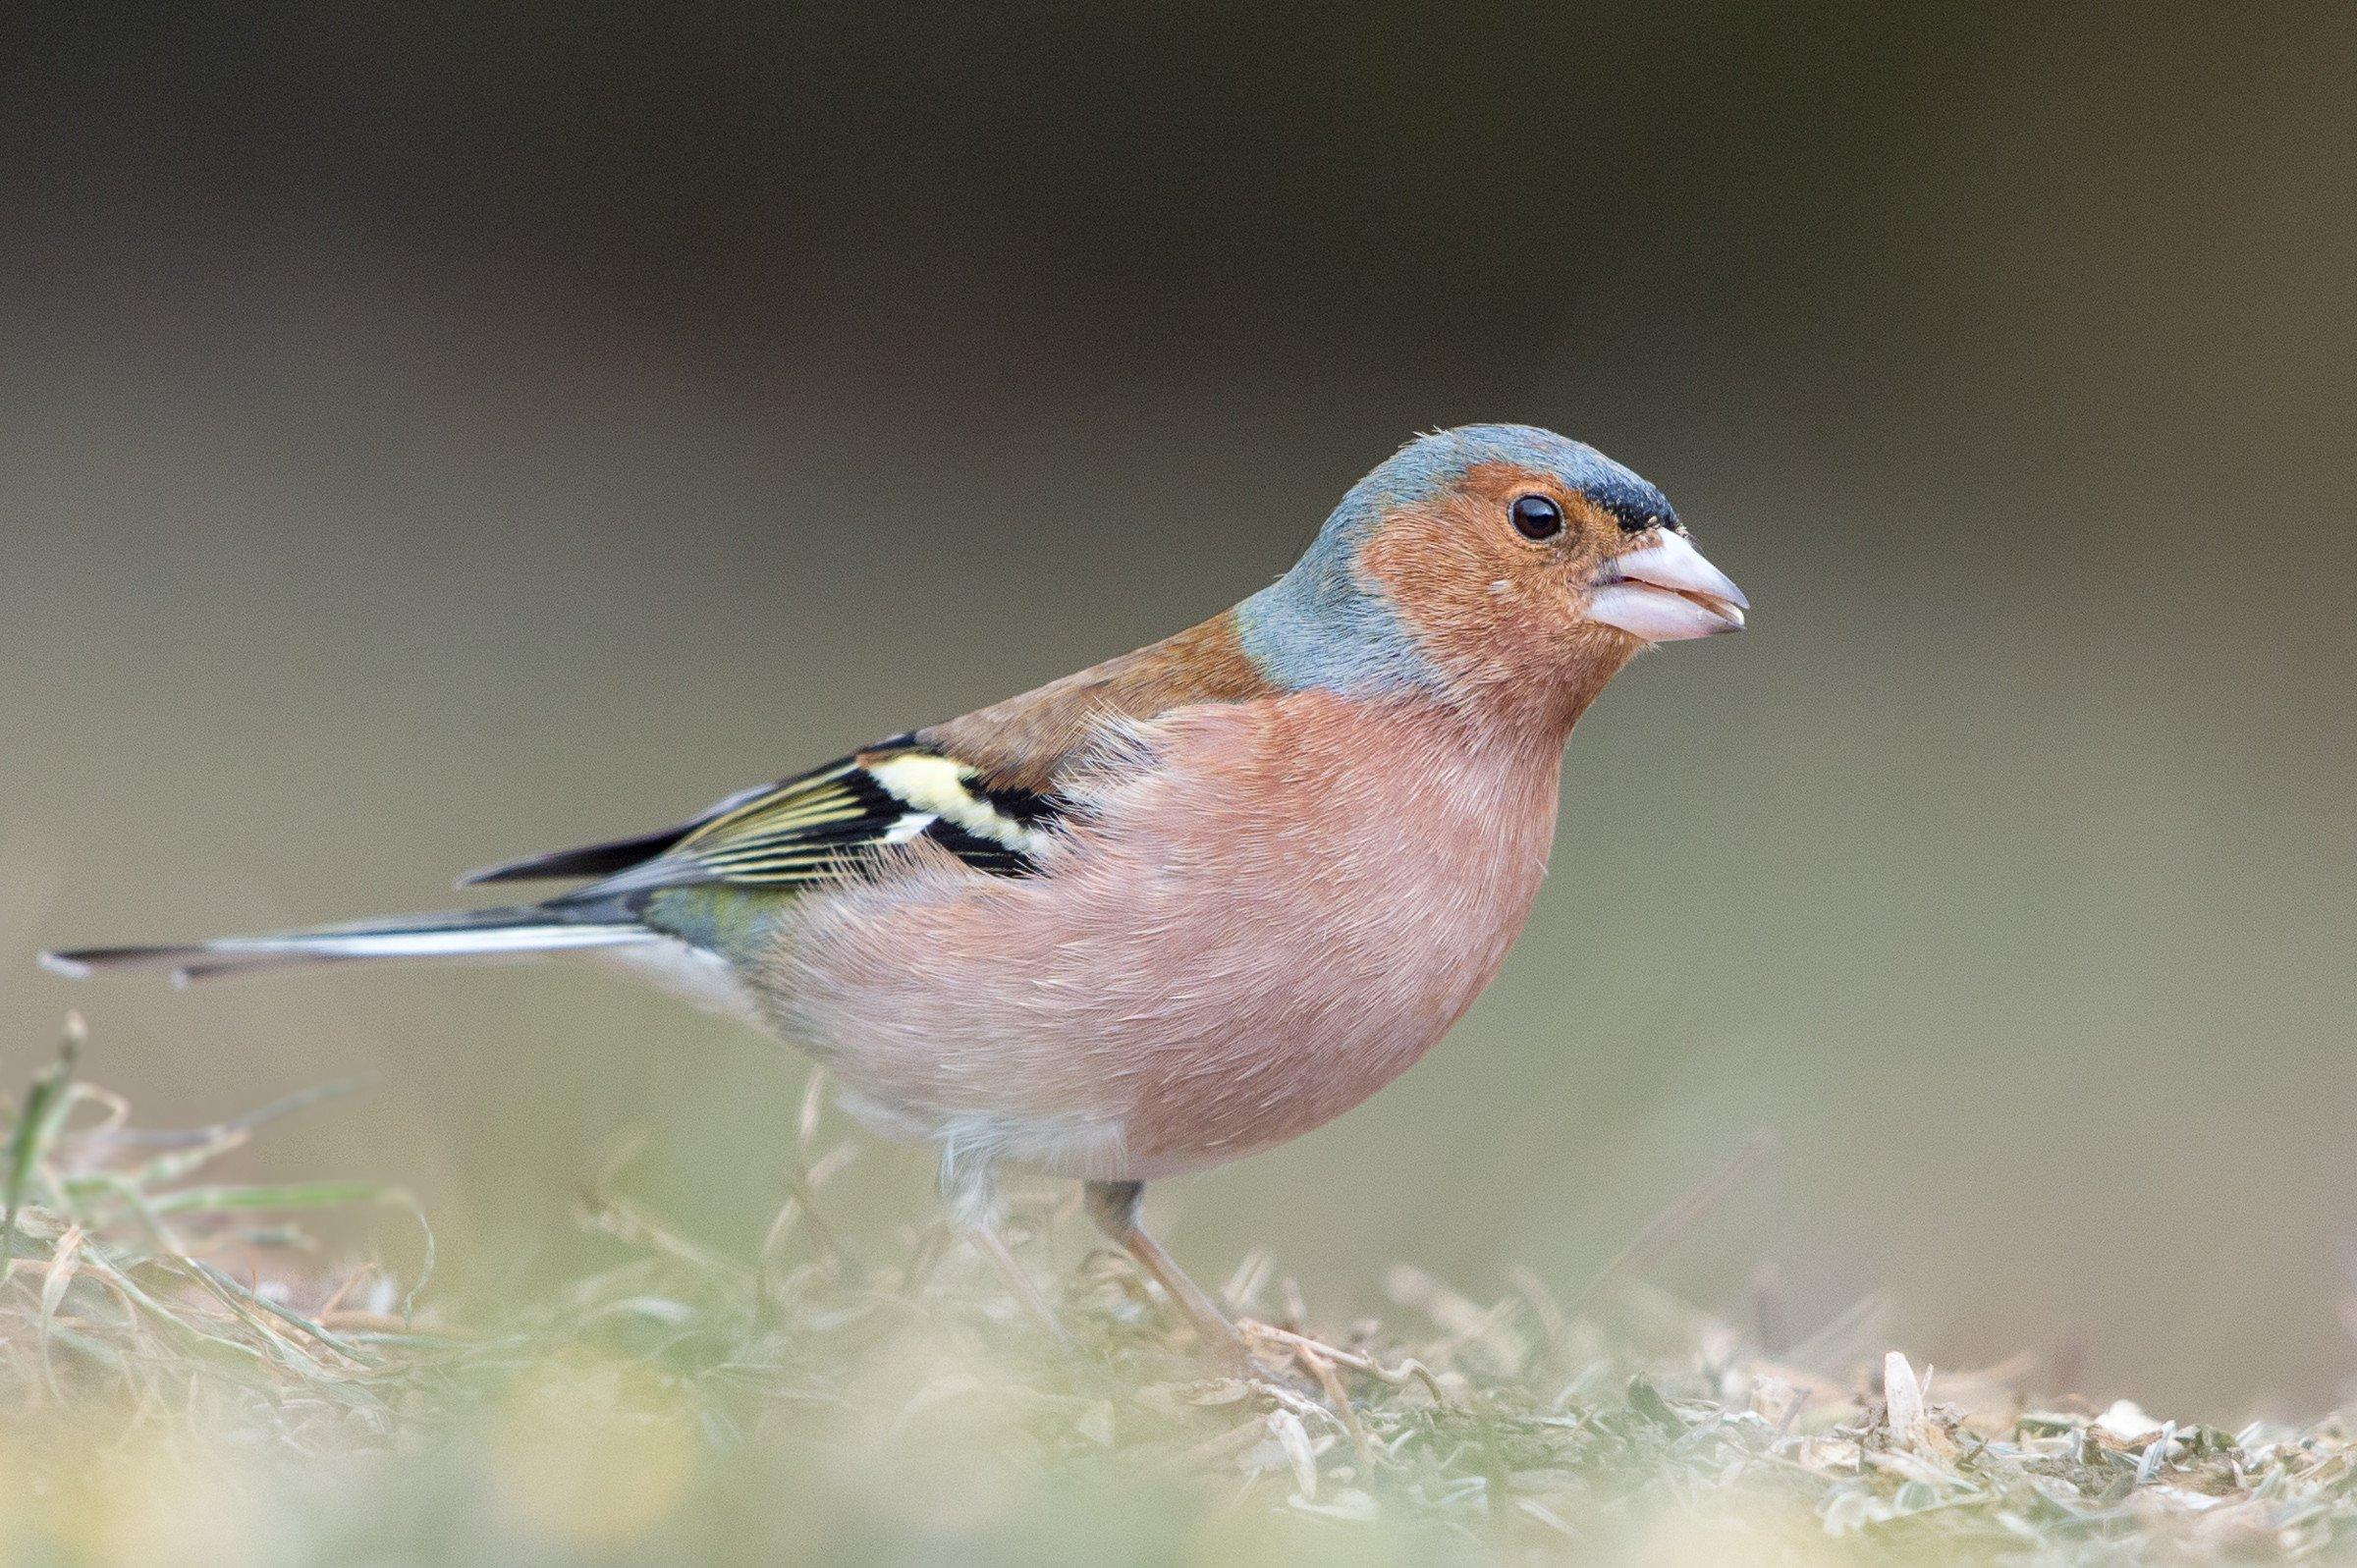 vogels bos 9490